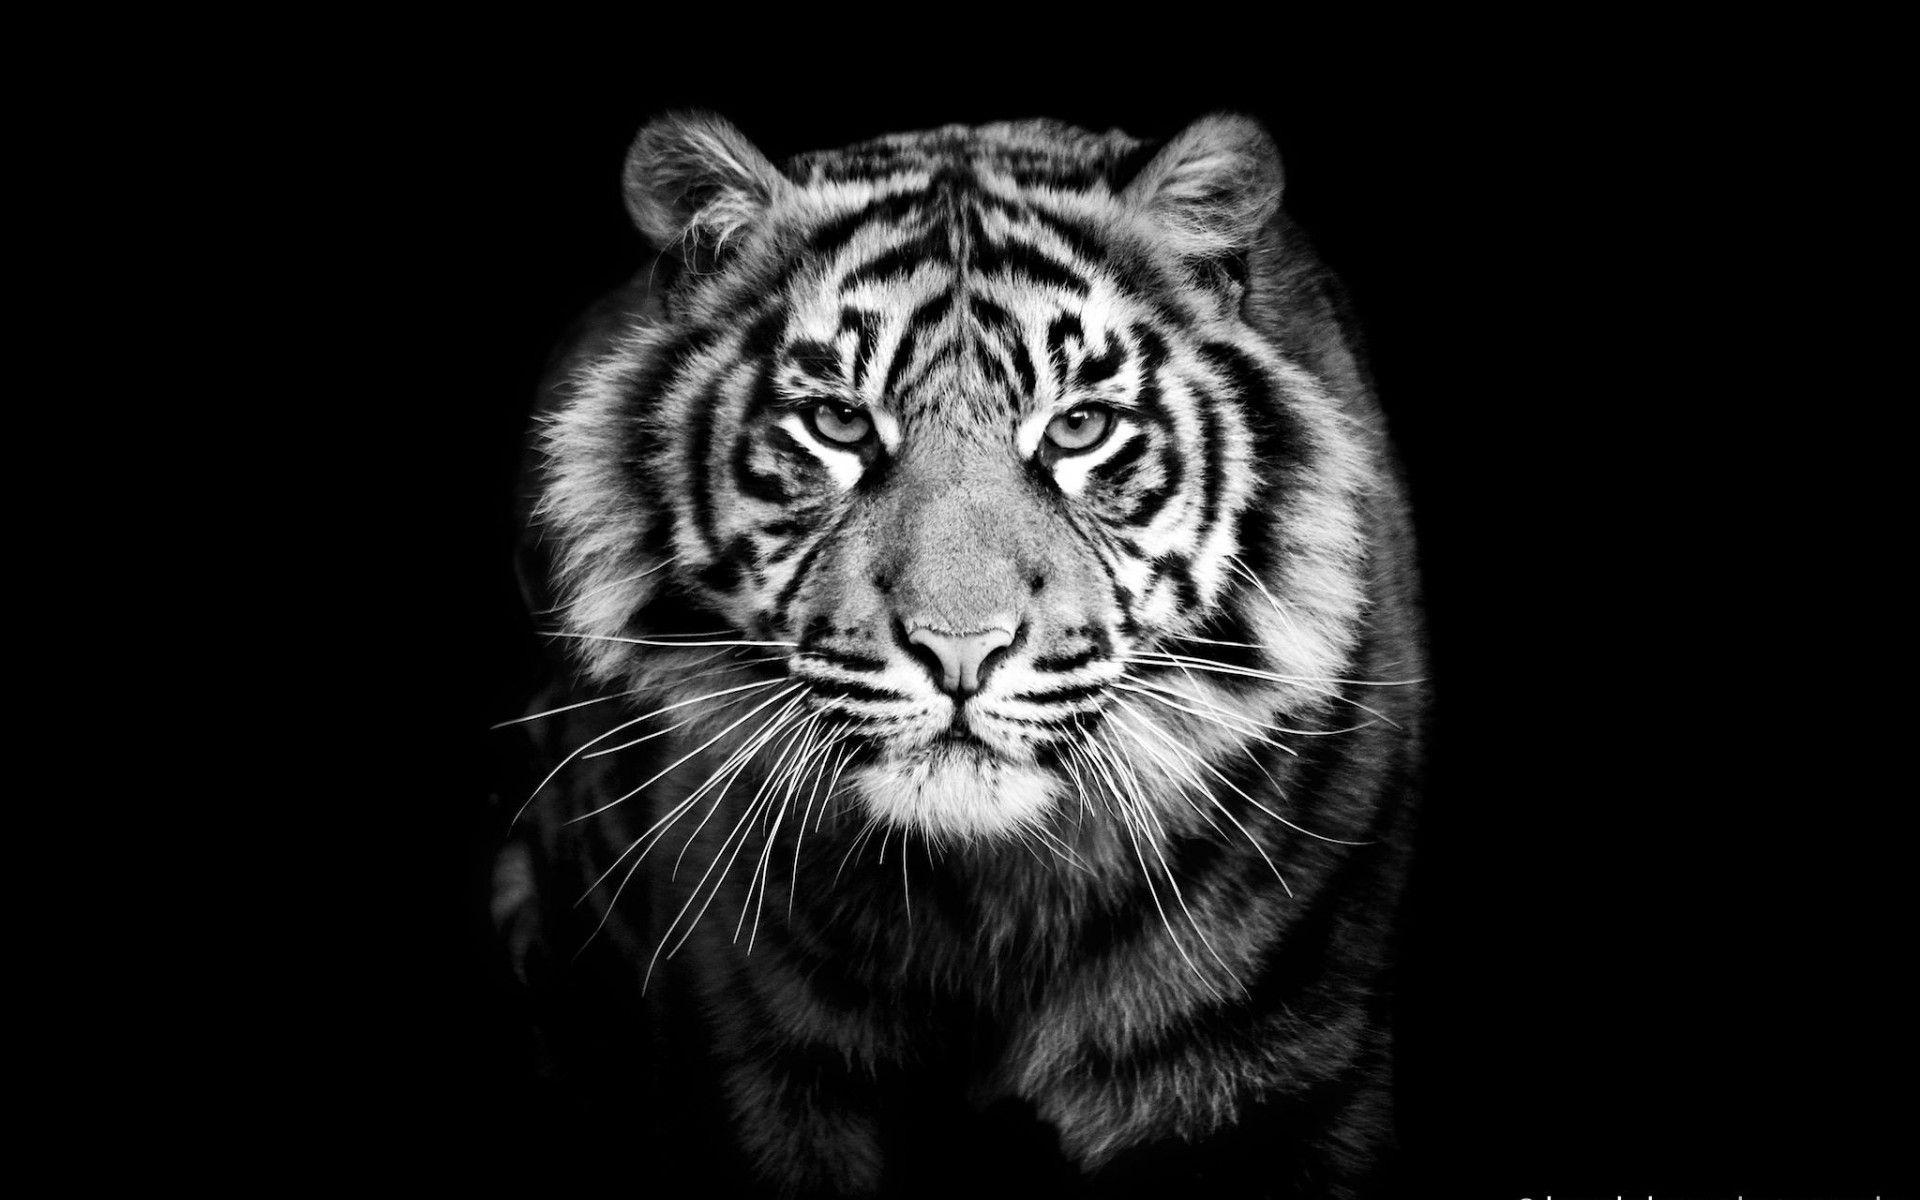 Pin By Elizabeth M On Tiger Sumatran Tiger White Tiger Tiger Images